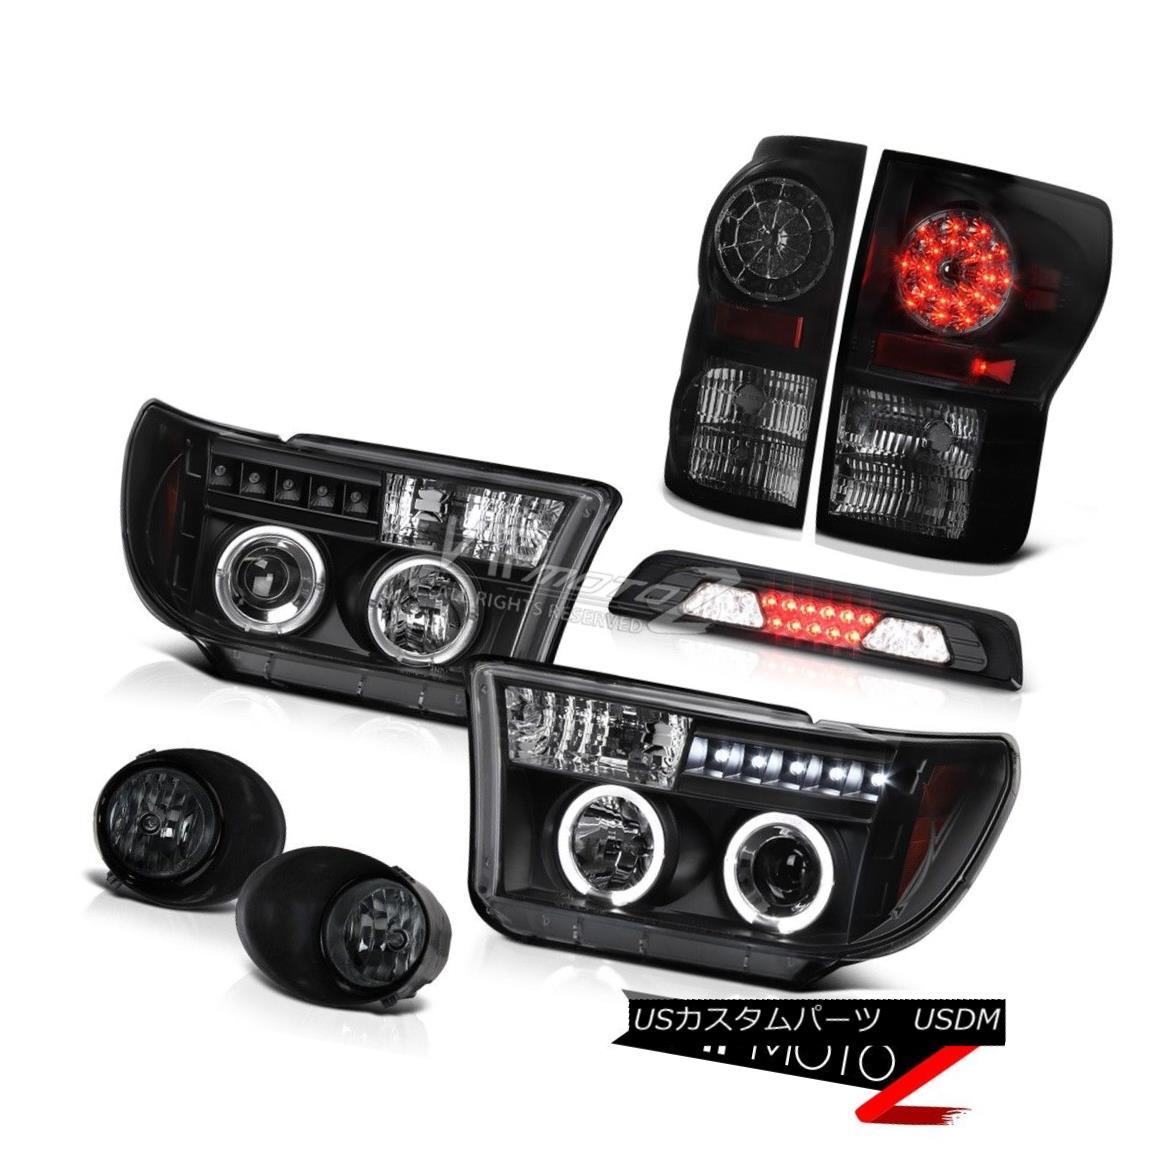 テールライト 07-13 Toyota Tundra Platinum Fog Lamps Roof Cab Lamp Black Headlamps Tail LED 07-13トヨタ・トンドラプラチナフォグランプルーフキャブ・ランプブラックヘッドランプテールLED